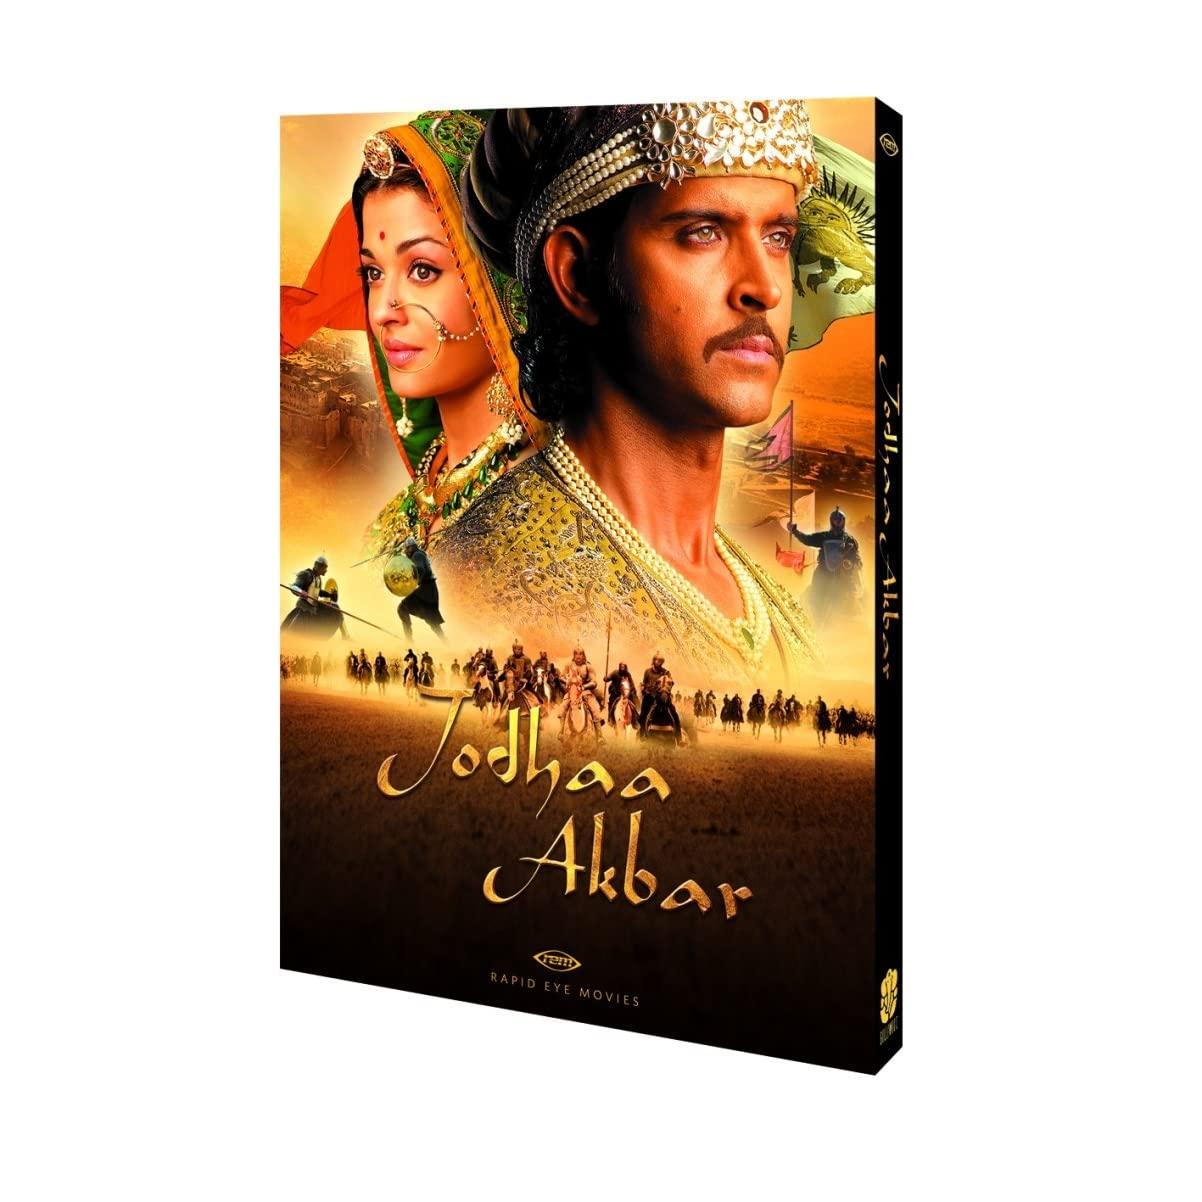 Jodhaa Akbar (2008) - Stránka 2 71heONU2HKL._AA1202_